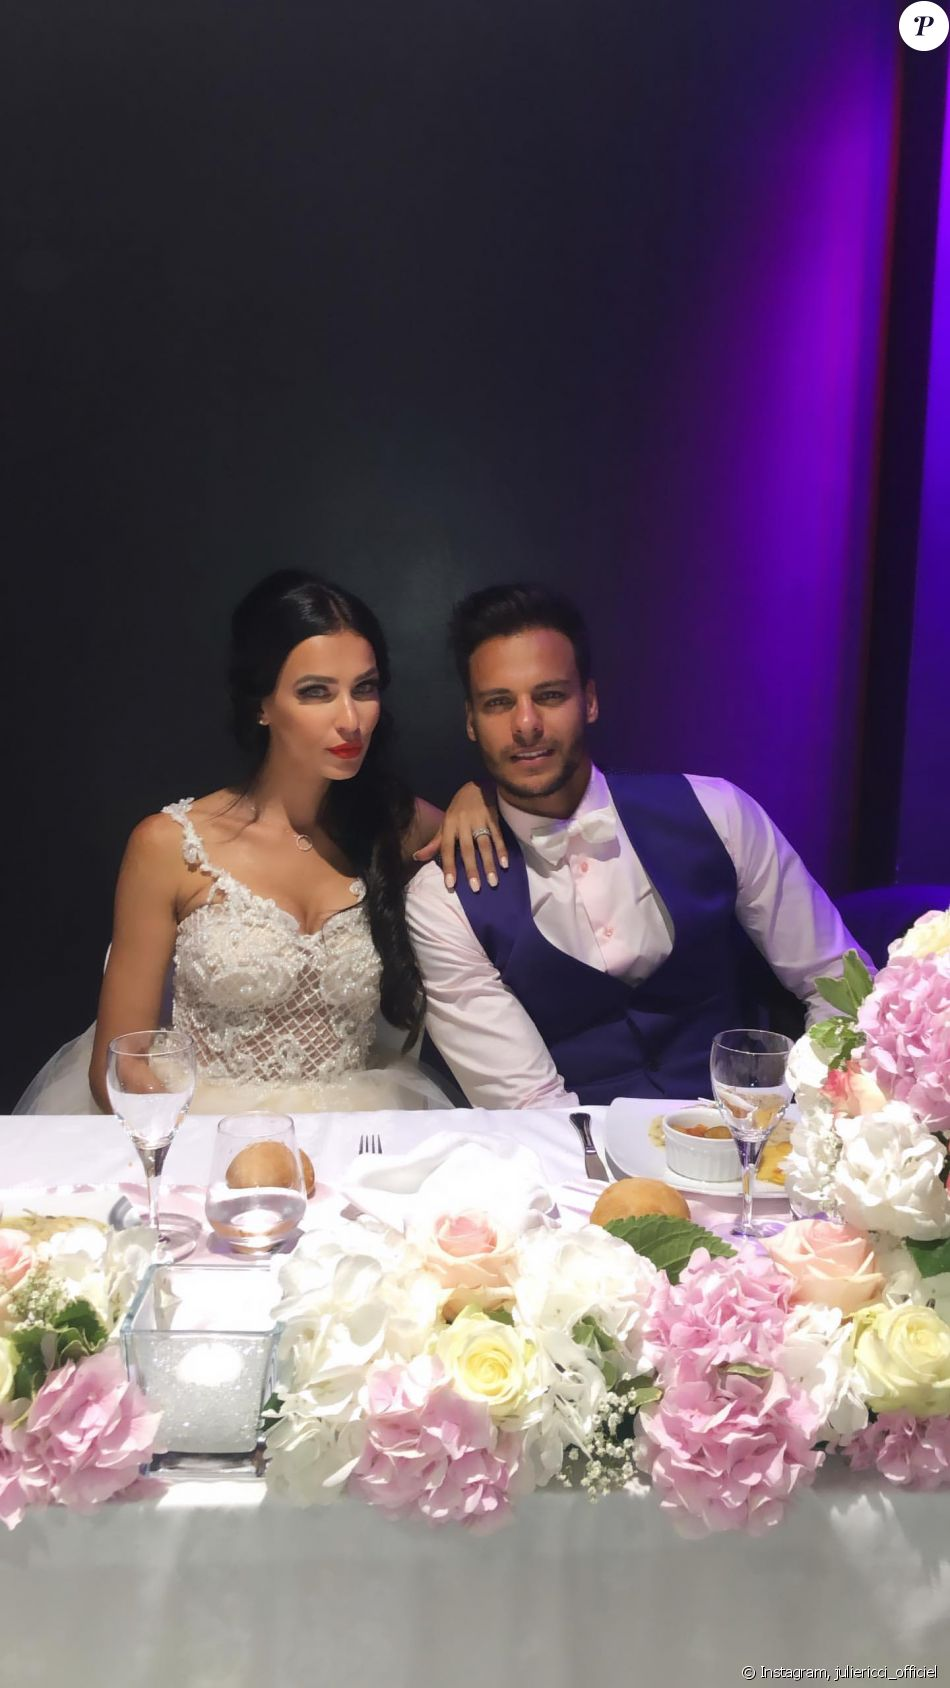 Julie Ricci à son deuxième mariage - samedi 24 août 2019